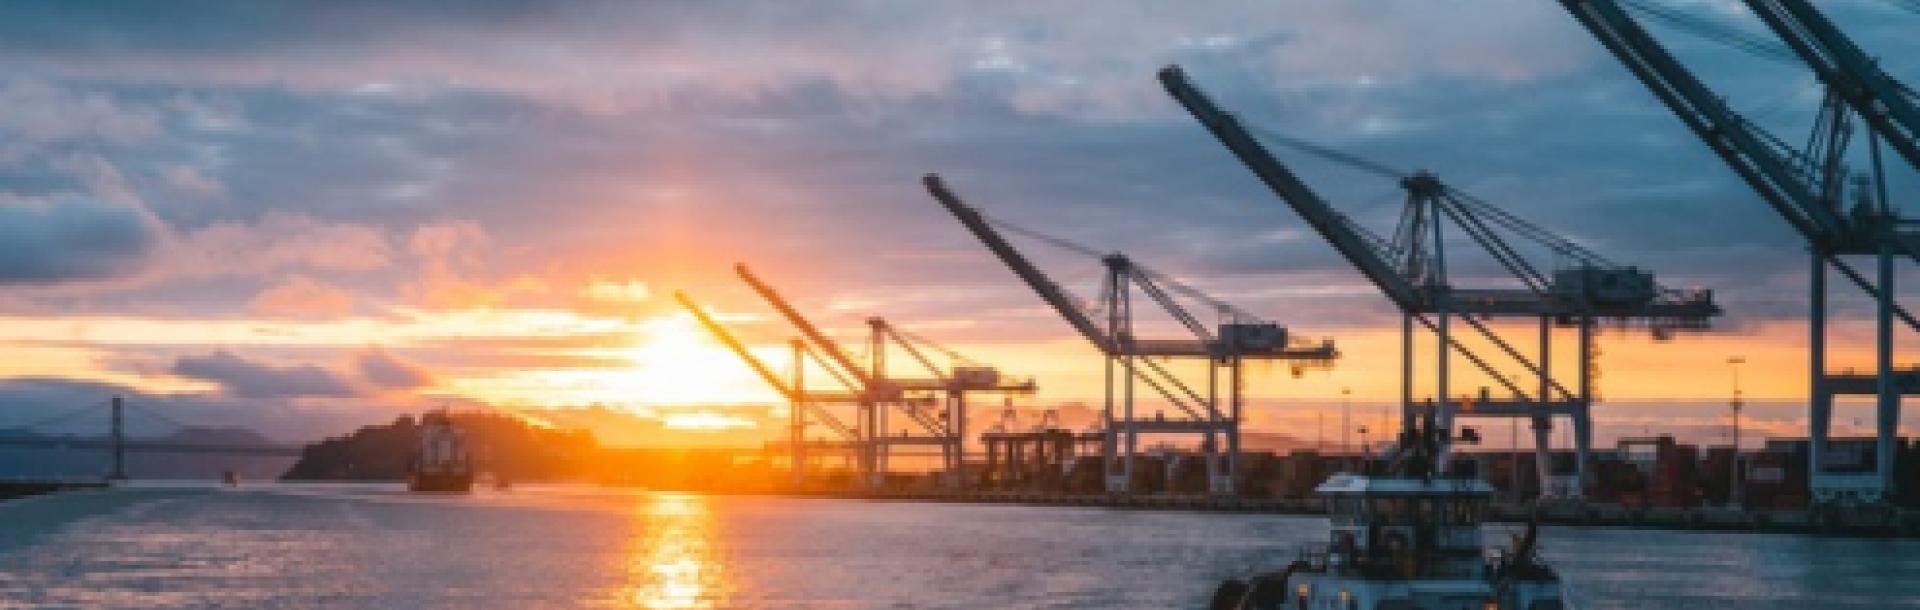 שלום המפרץ ועידן הפוסט־נפט